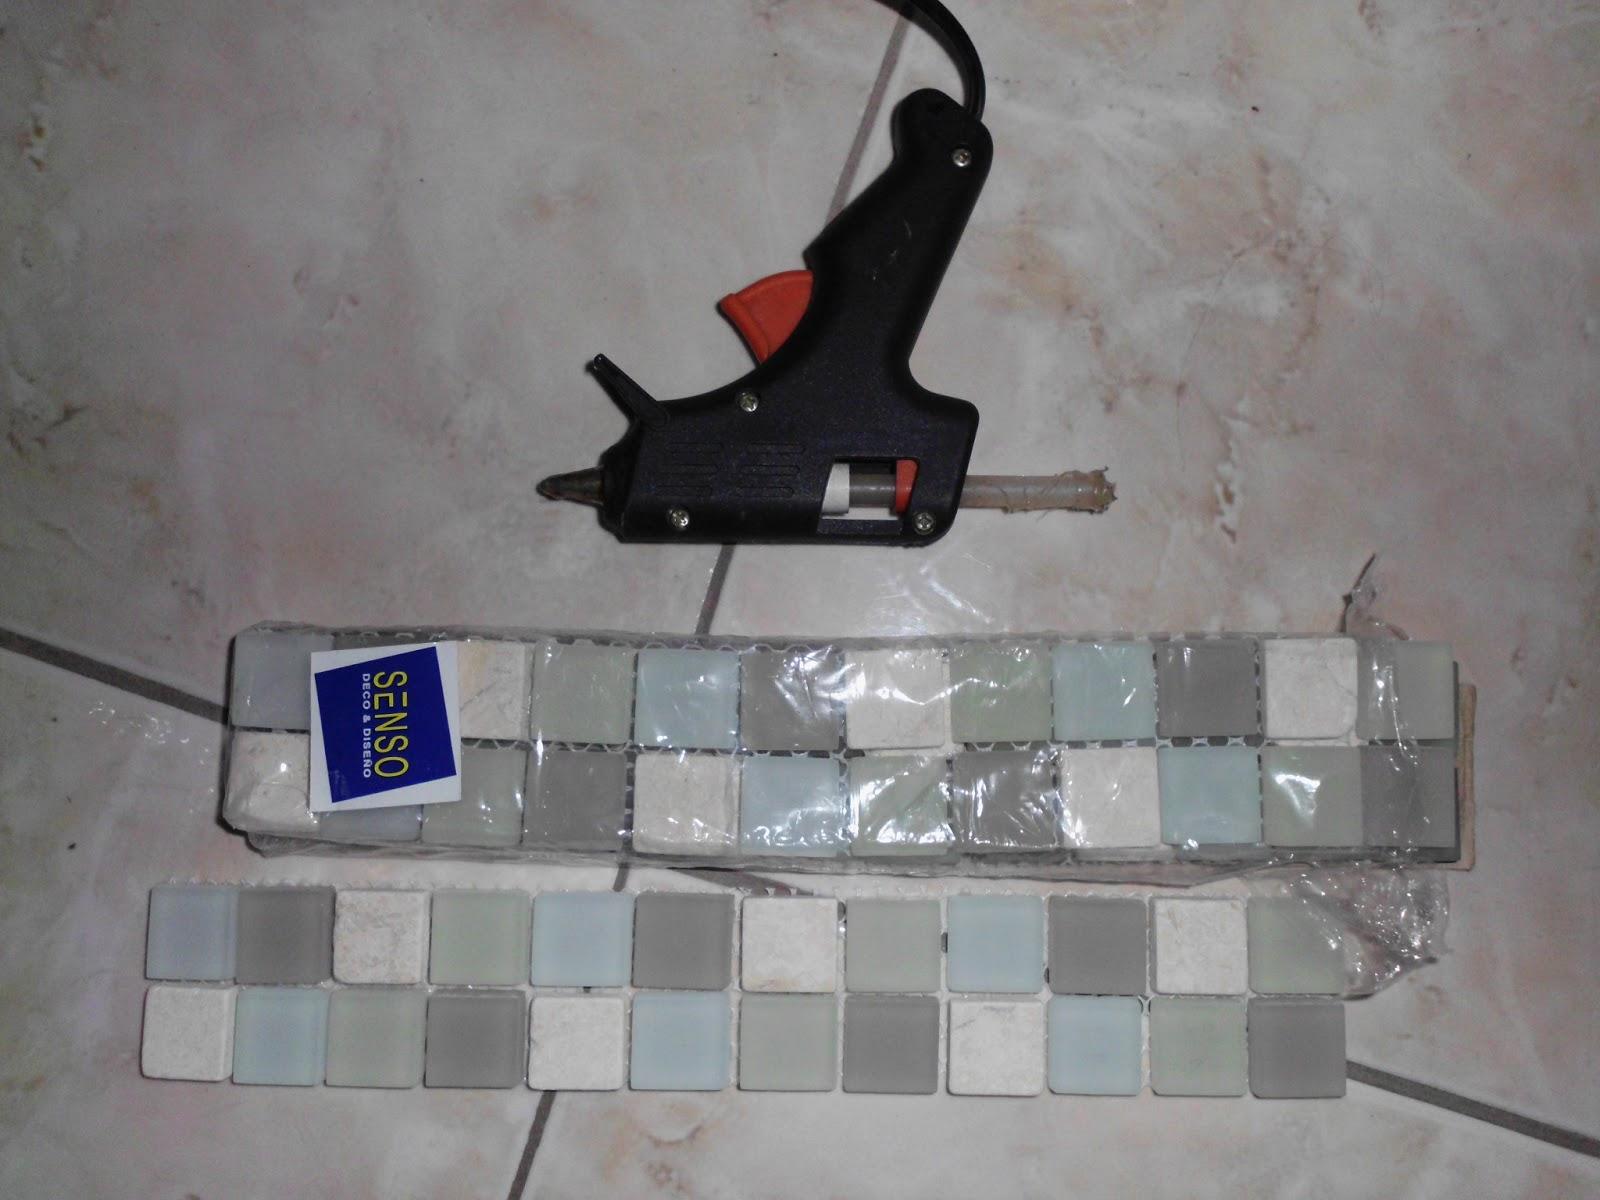 Artes e Badulaques: Moldura Espelho com pastilhas #1A1C60 1600x1200 Banheiro Com Pastilha Espelho